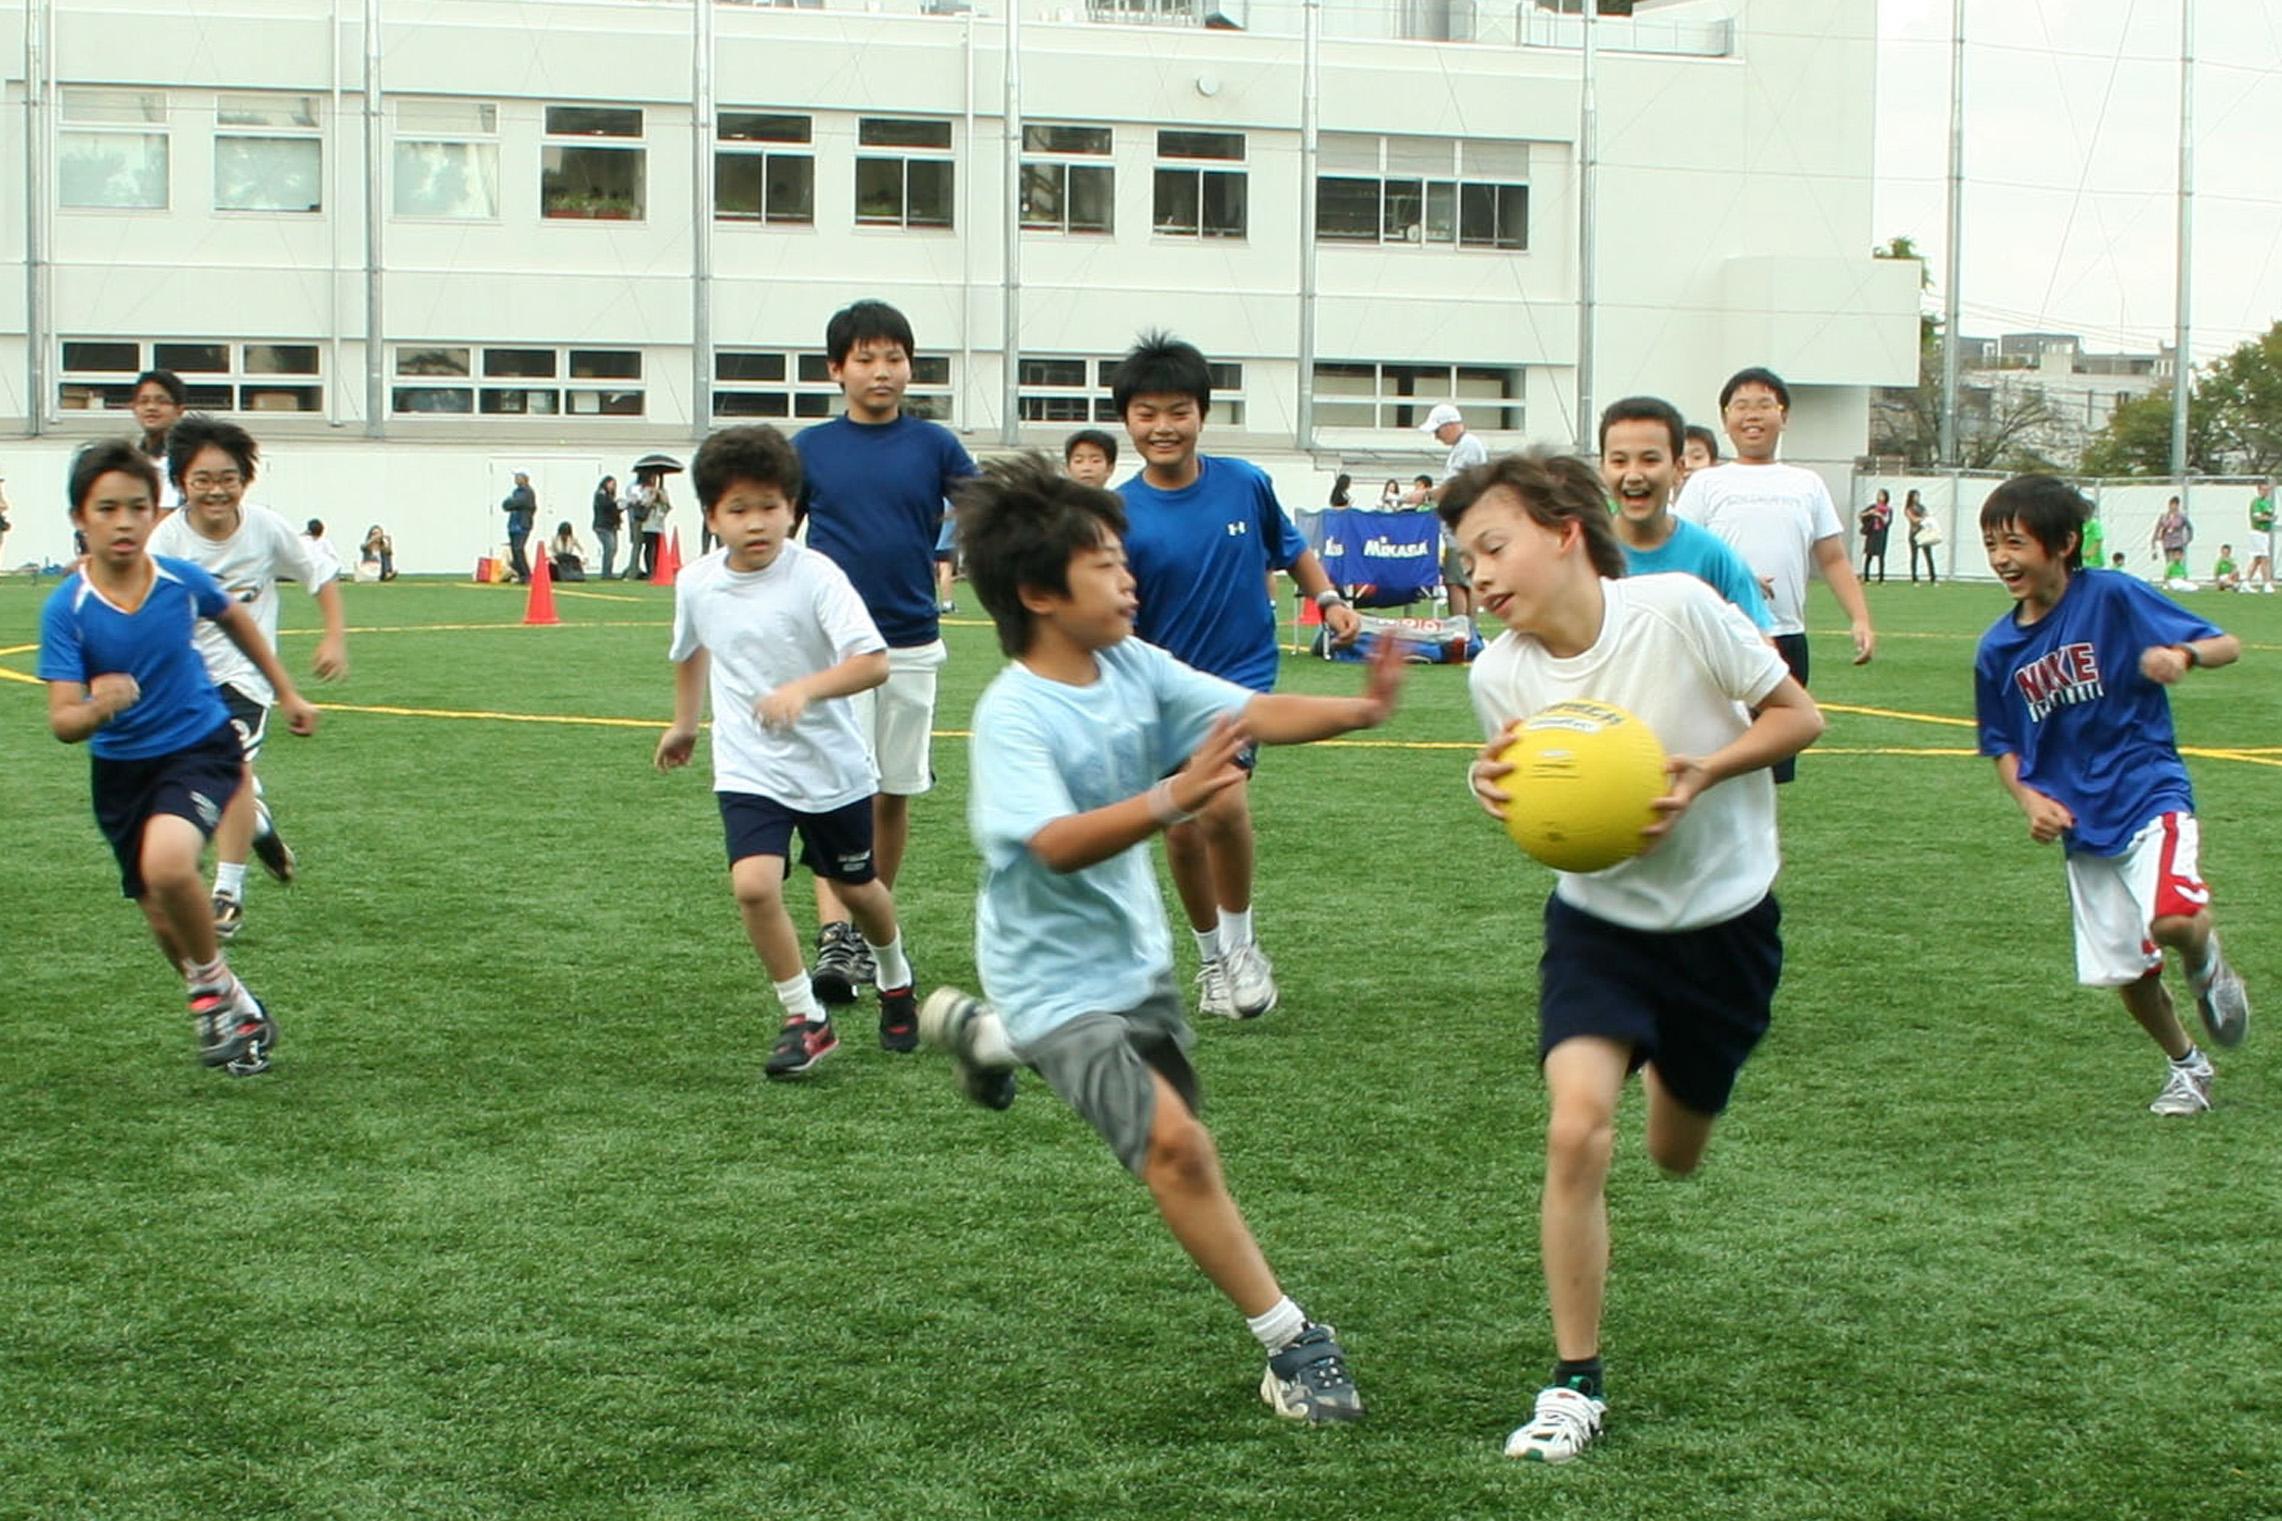 st-marys-sports-day